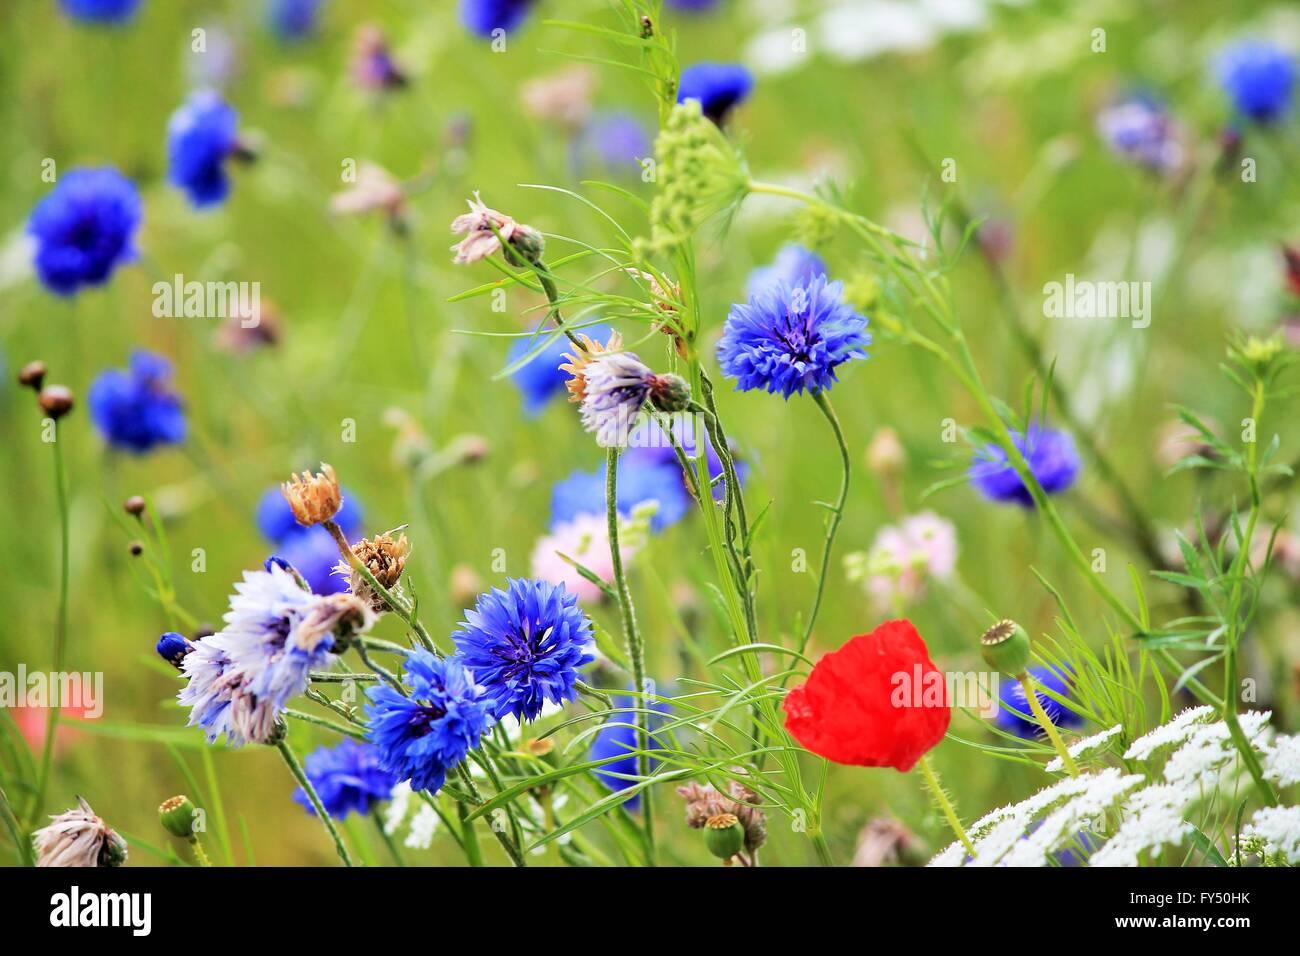 Poppy and cornflower wild spring flowers in bloom in meadow stock poppy and cornflower wild spring flowers in bloom in meadow background mightylinksfo